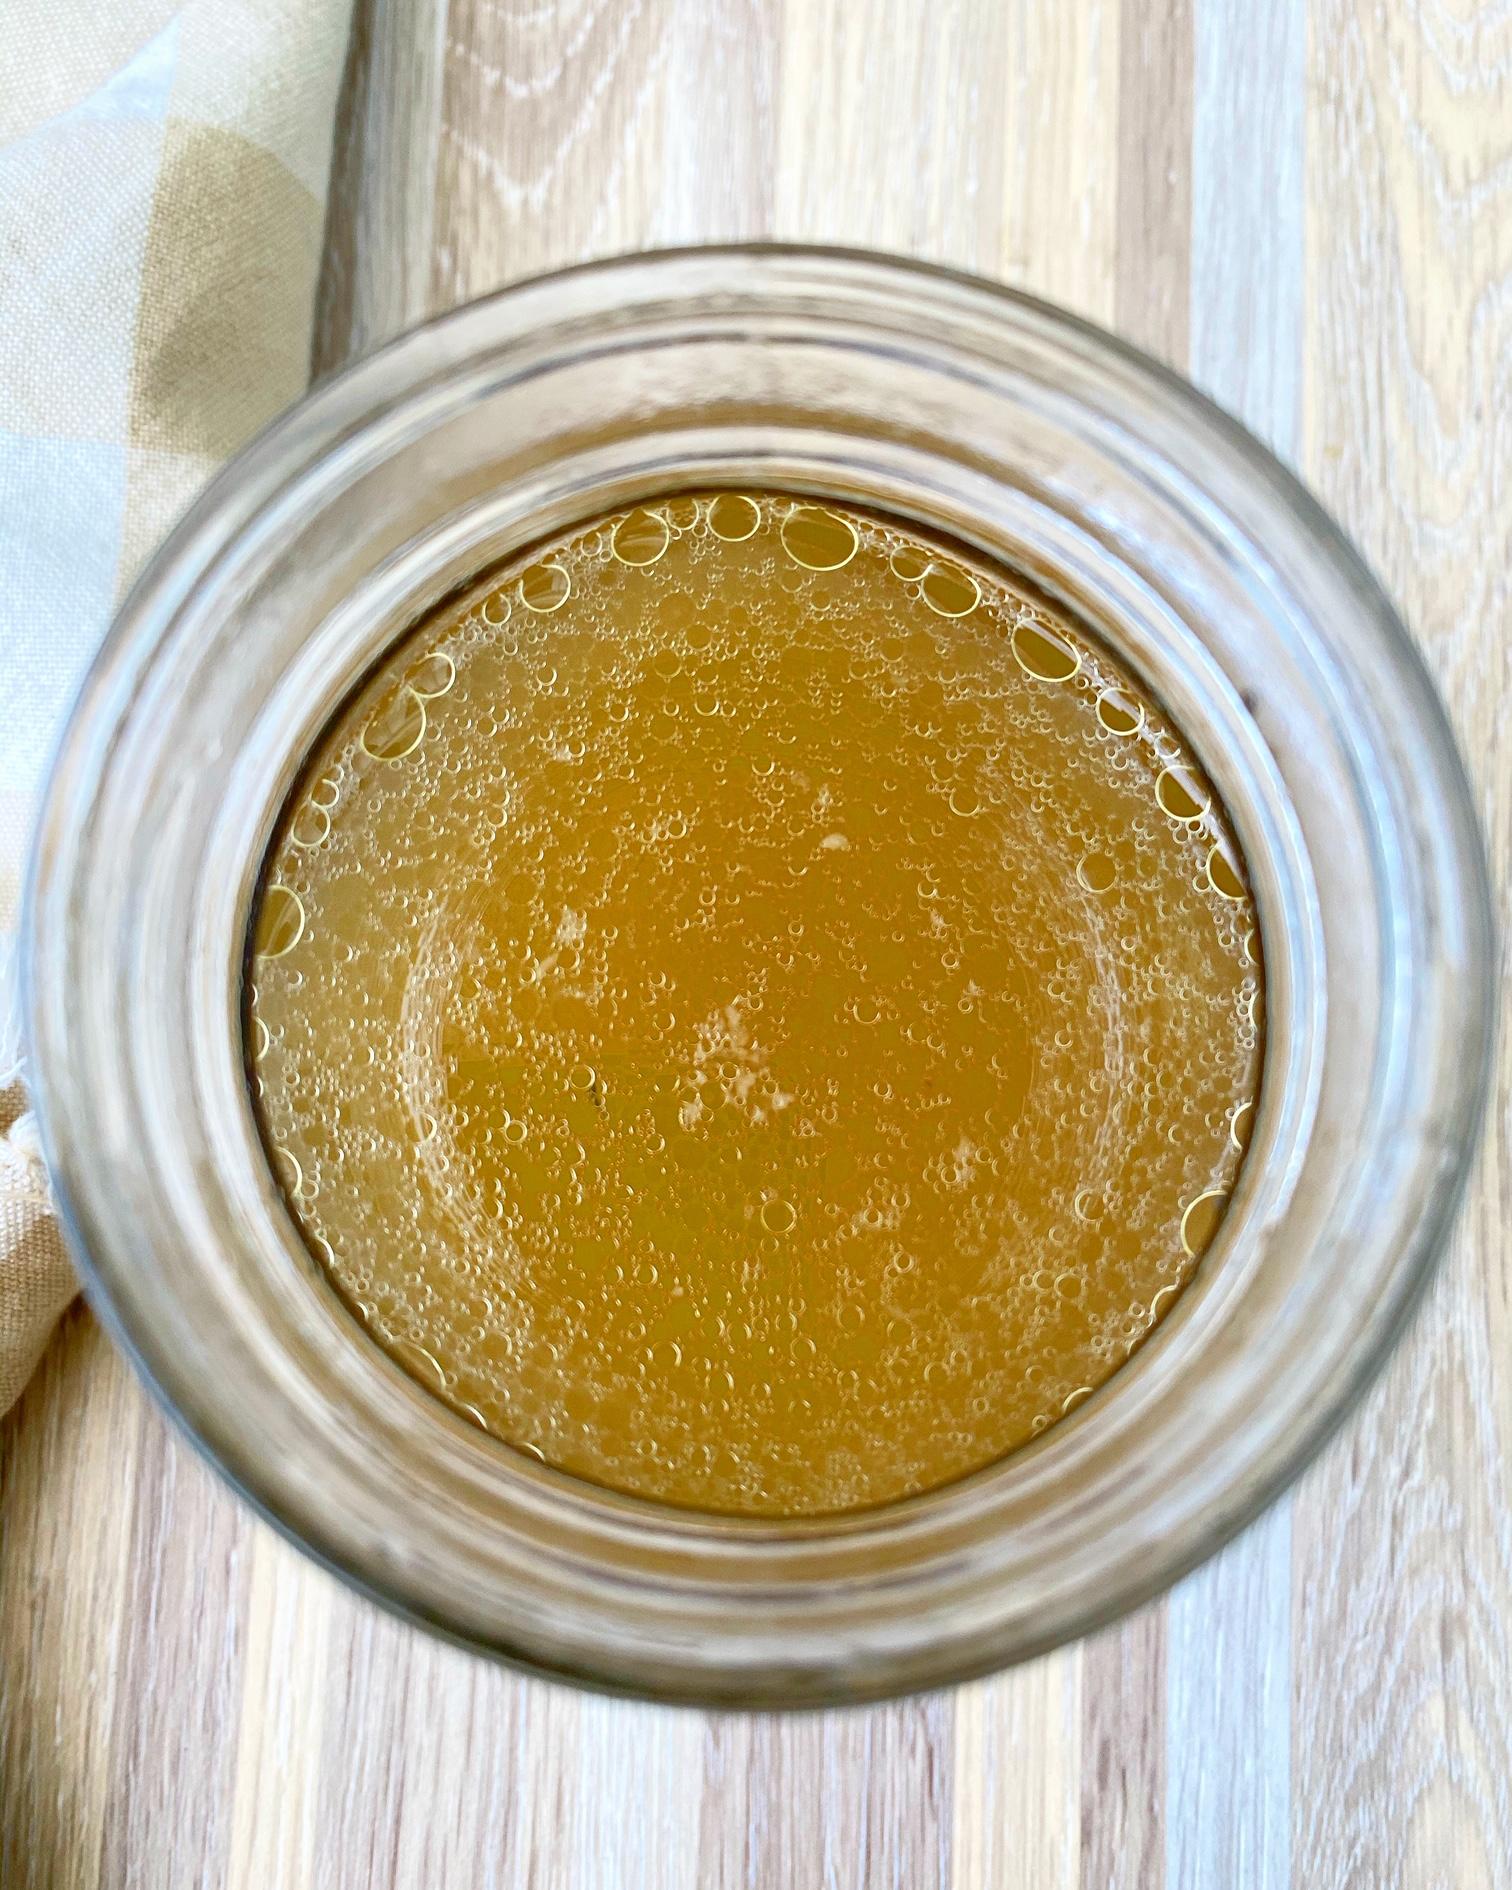 warmed bone broth in a masno jar